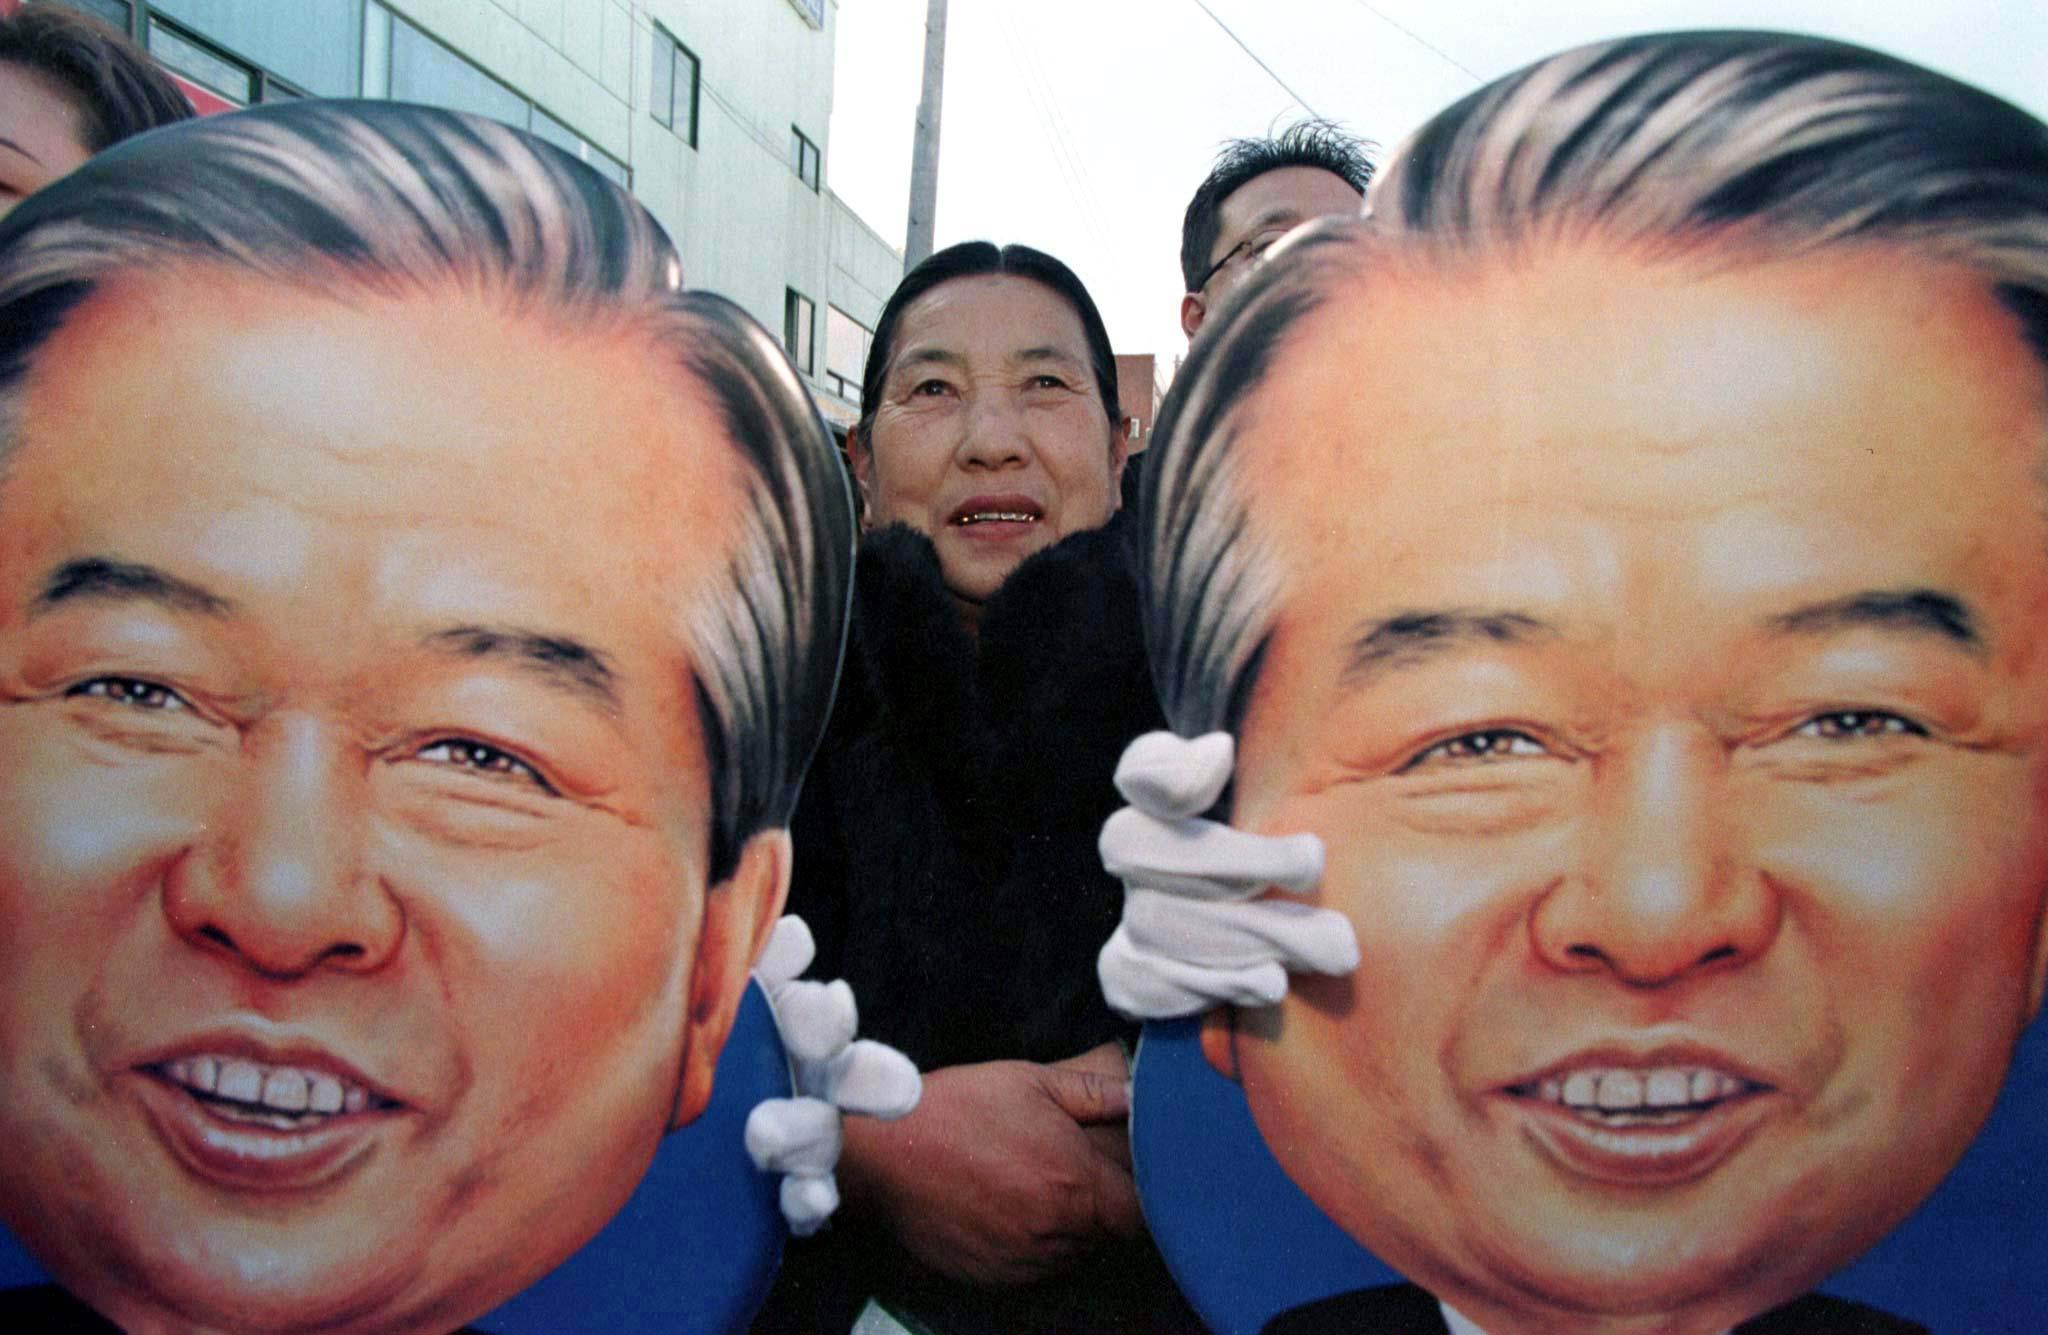 金大中支持者手持其肖像。(路透社資料圖片)